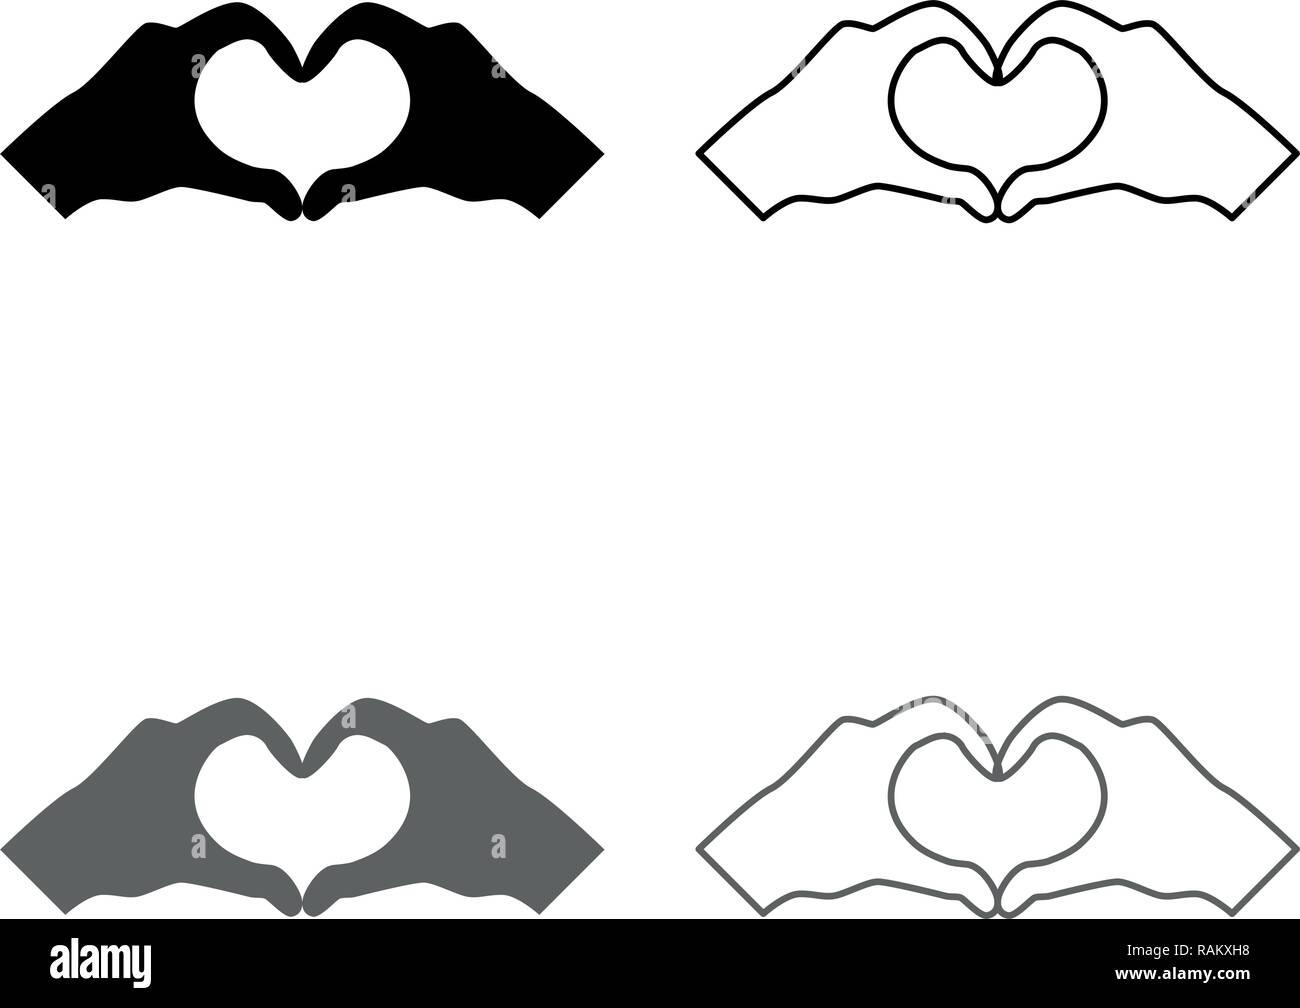 Dos manos tienen forma corazón manos haciendo el símbolo del corazón de silueta conjunto de iconos de vector de color negro gris esquematizo tipo plano simple imagen Ilustración del Vector